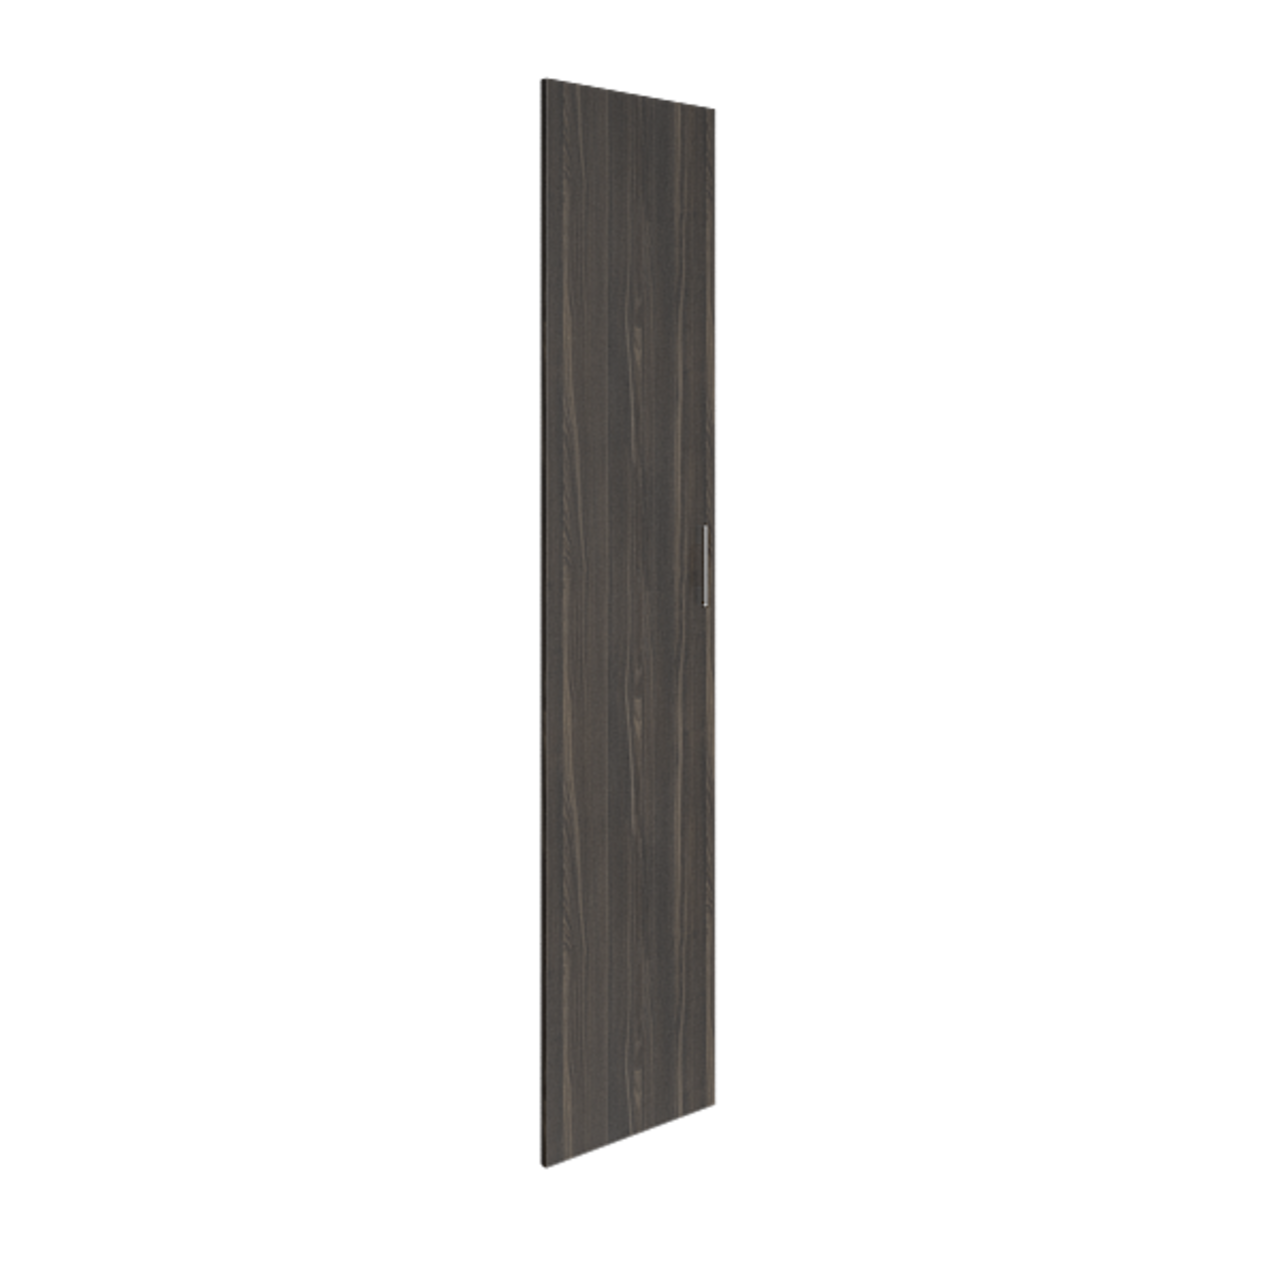 Дверь дсп высокая левая - фото 3